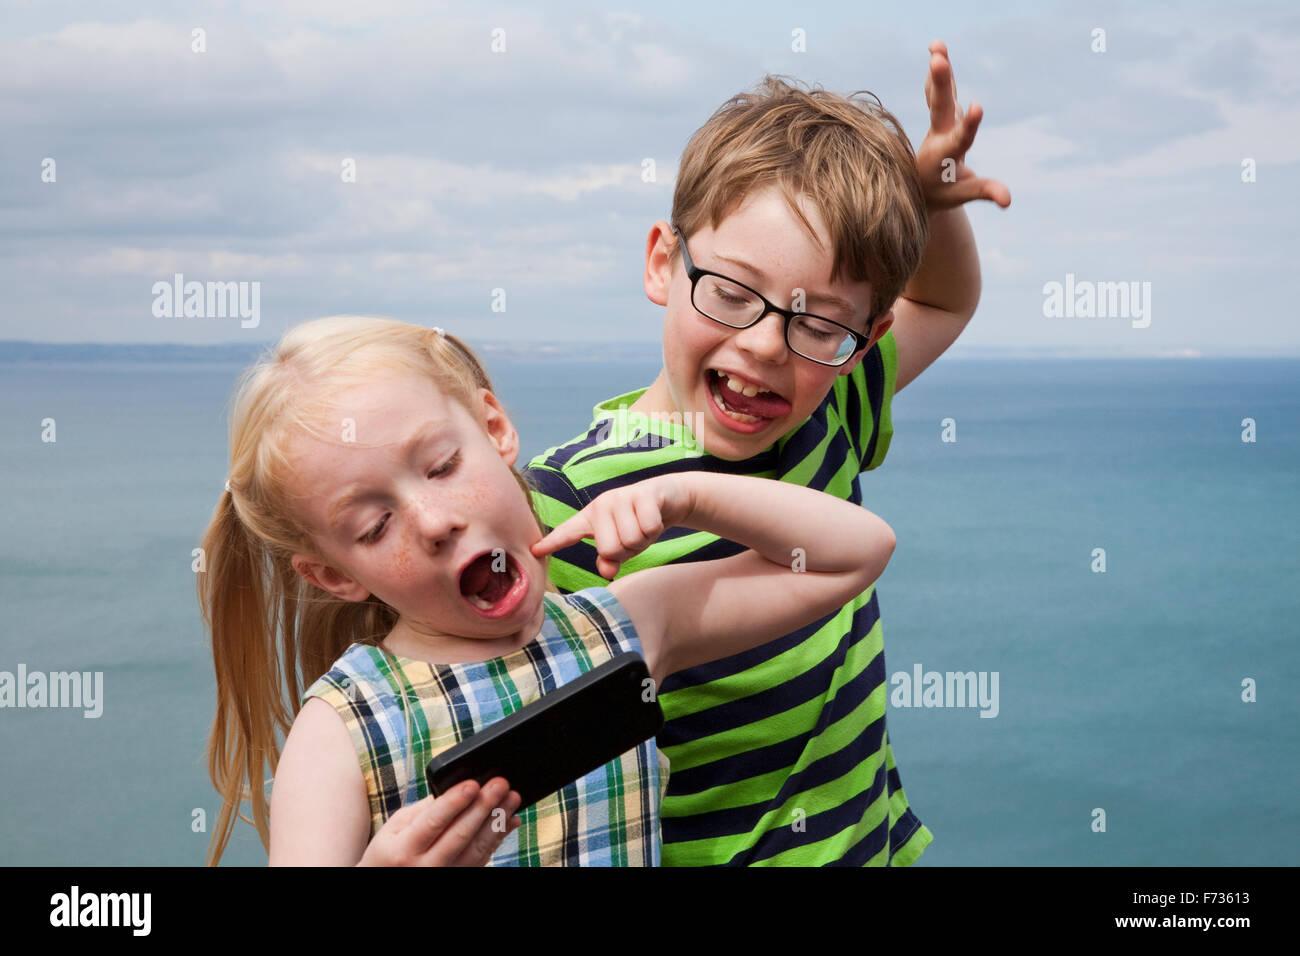 Hermano y hermana lo enfrenta y toma un selfie con un teléfono inteligente. Imagen De Stock